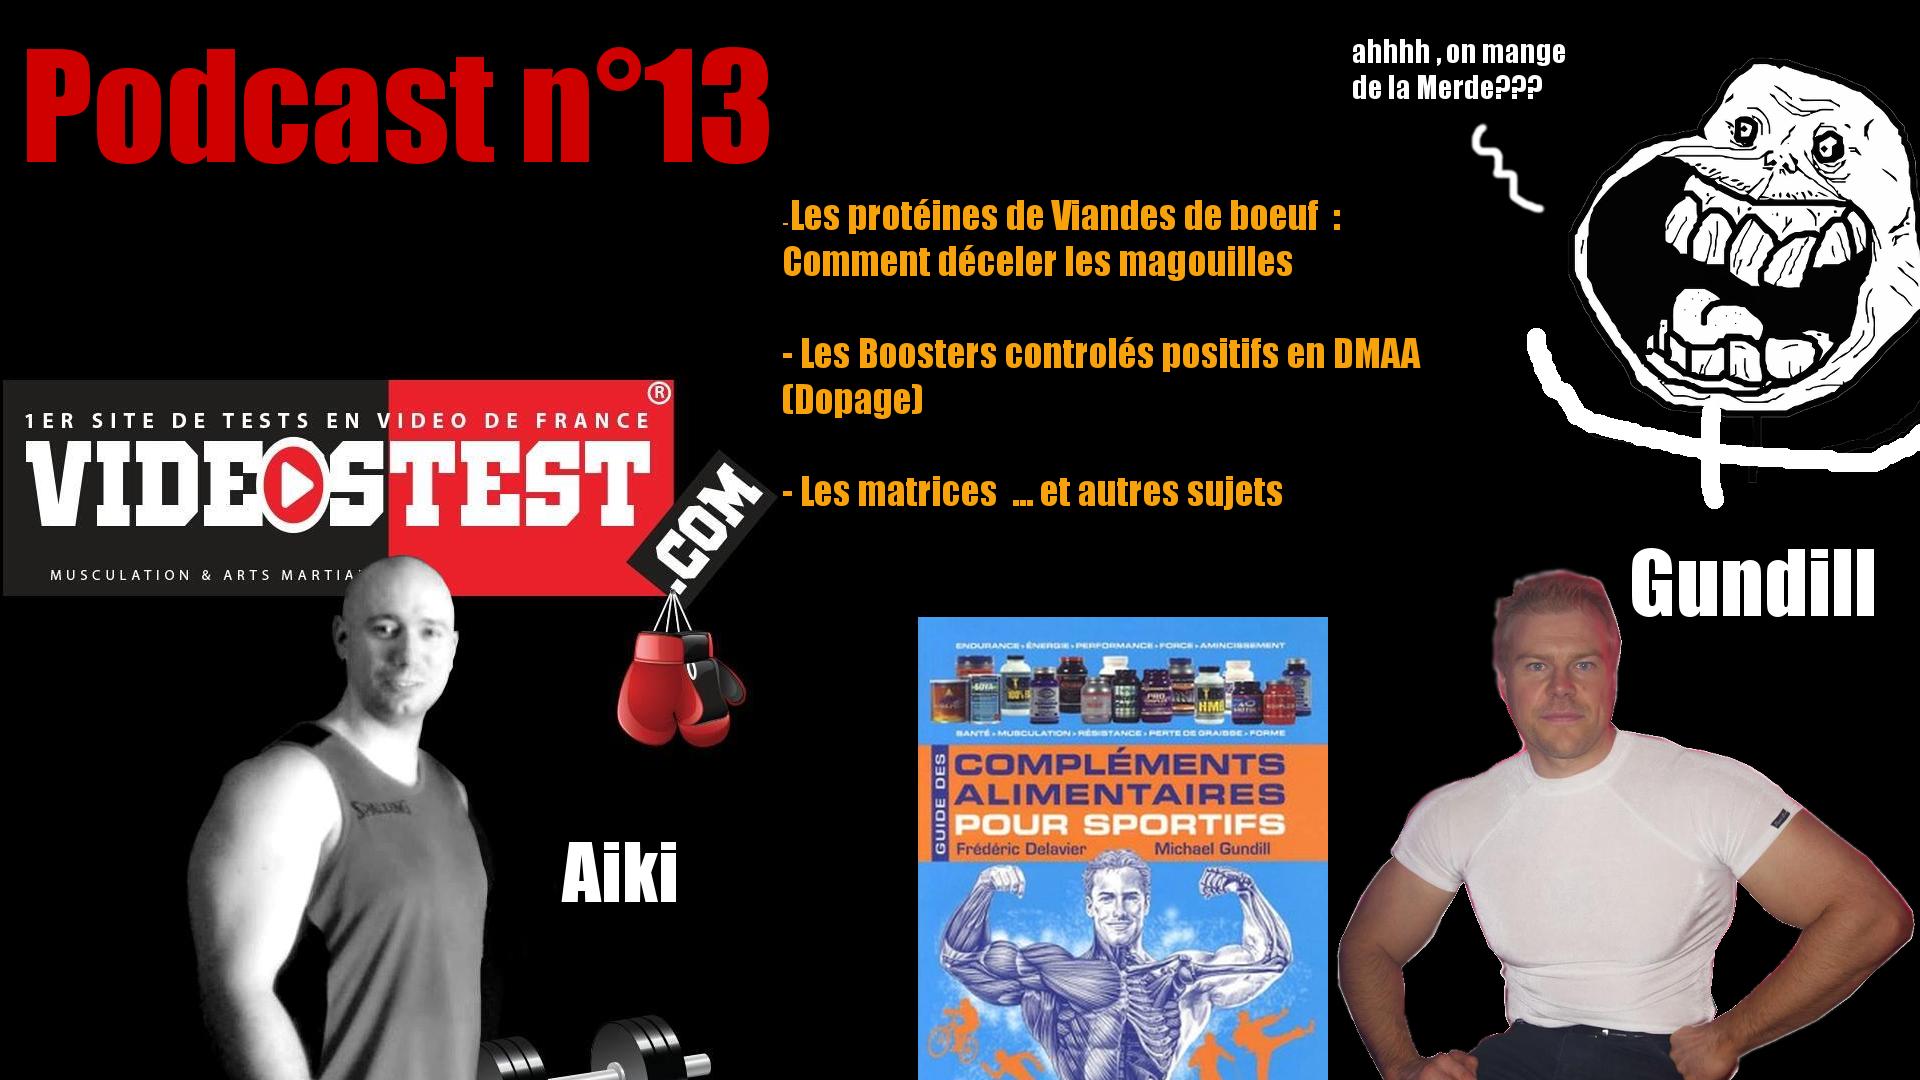 Podcast n°13 : Magouilles dans les protéines de Boeuf, Boosters contrôlés positif au DMAA… avec Michael Gundill